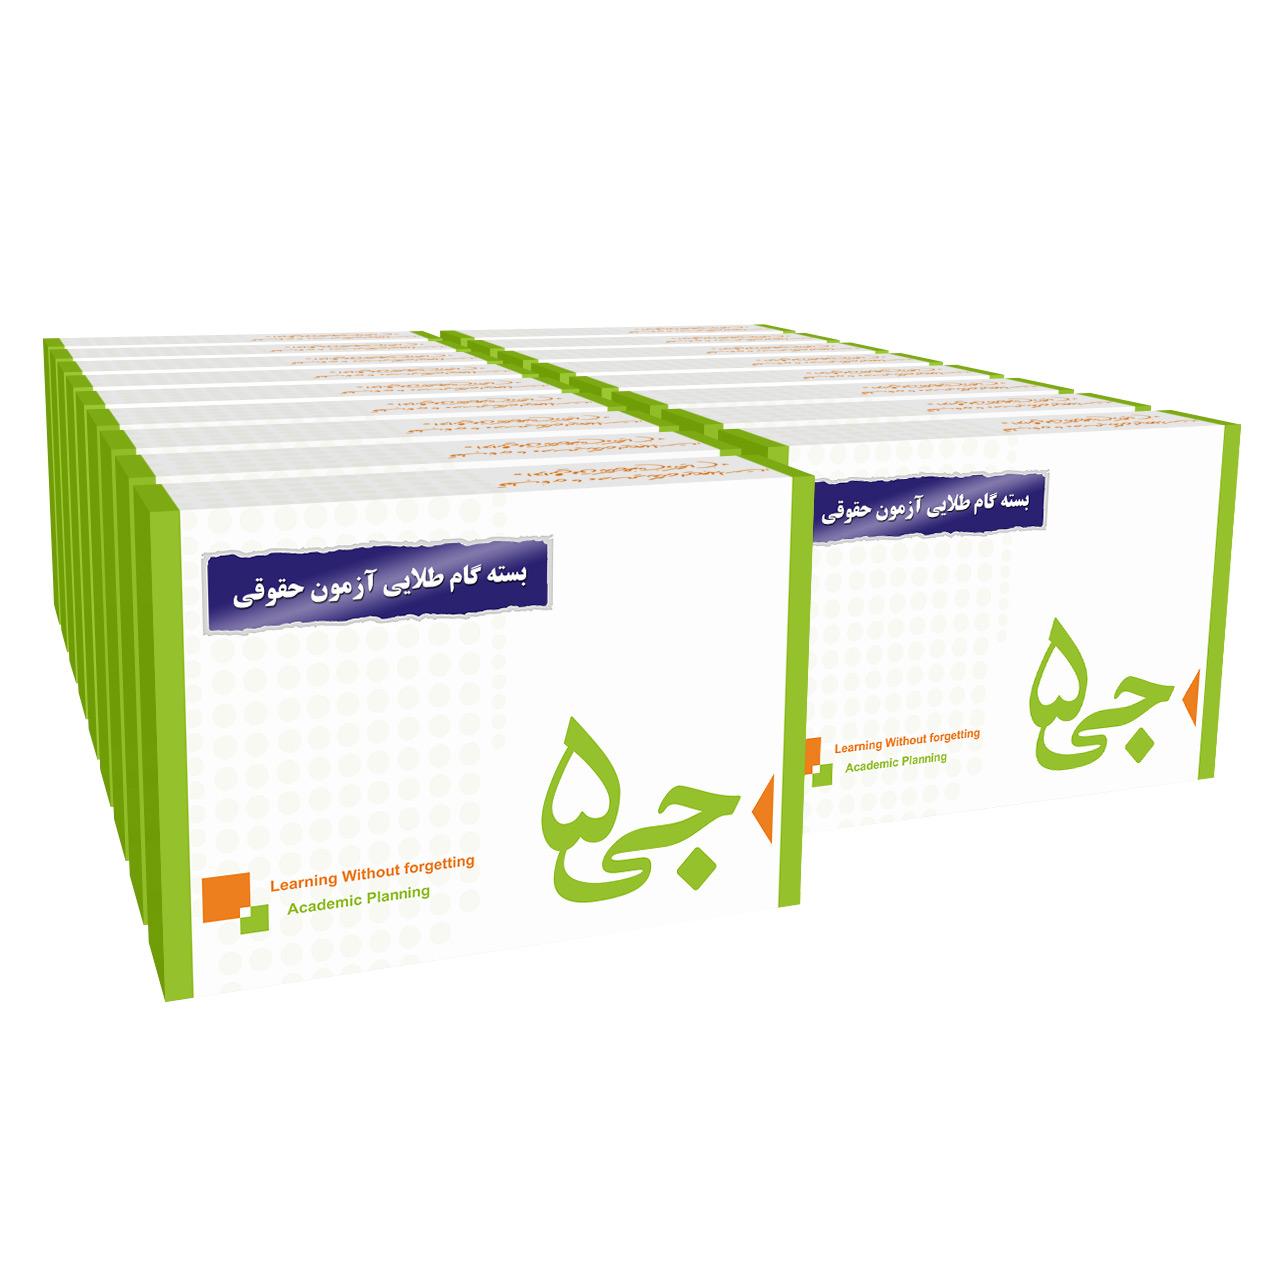 بسته نمونه سوالات پر تکرار آزمون وکالت و قضاوت انتشارات جی 5